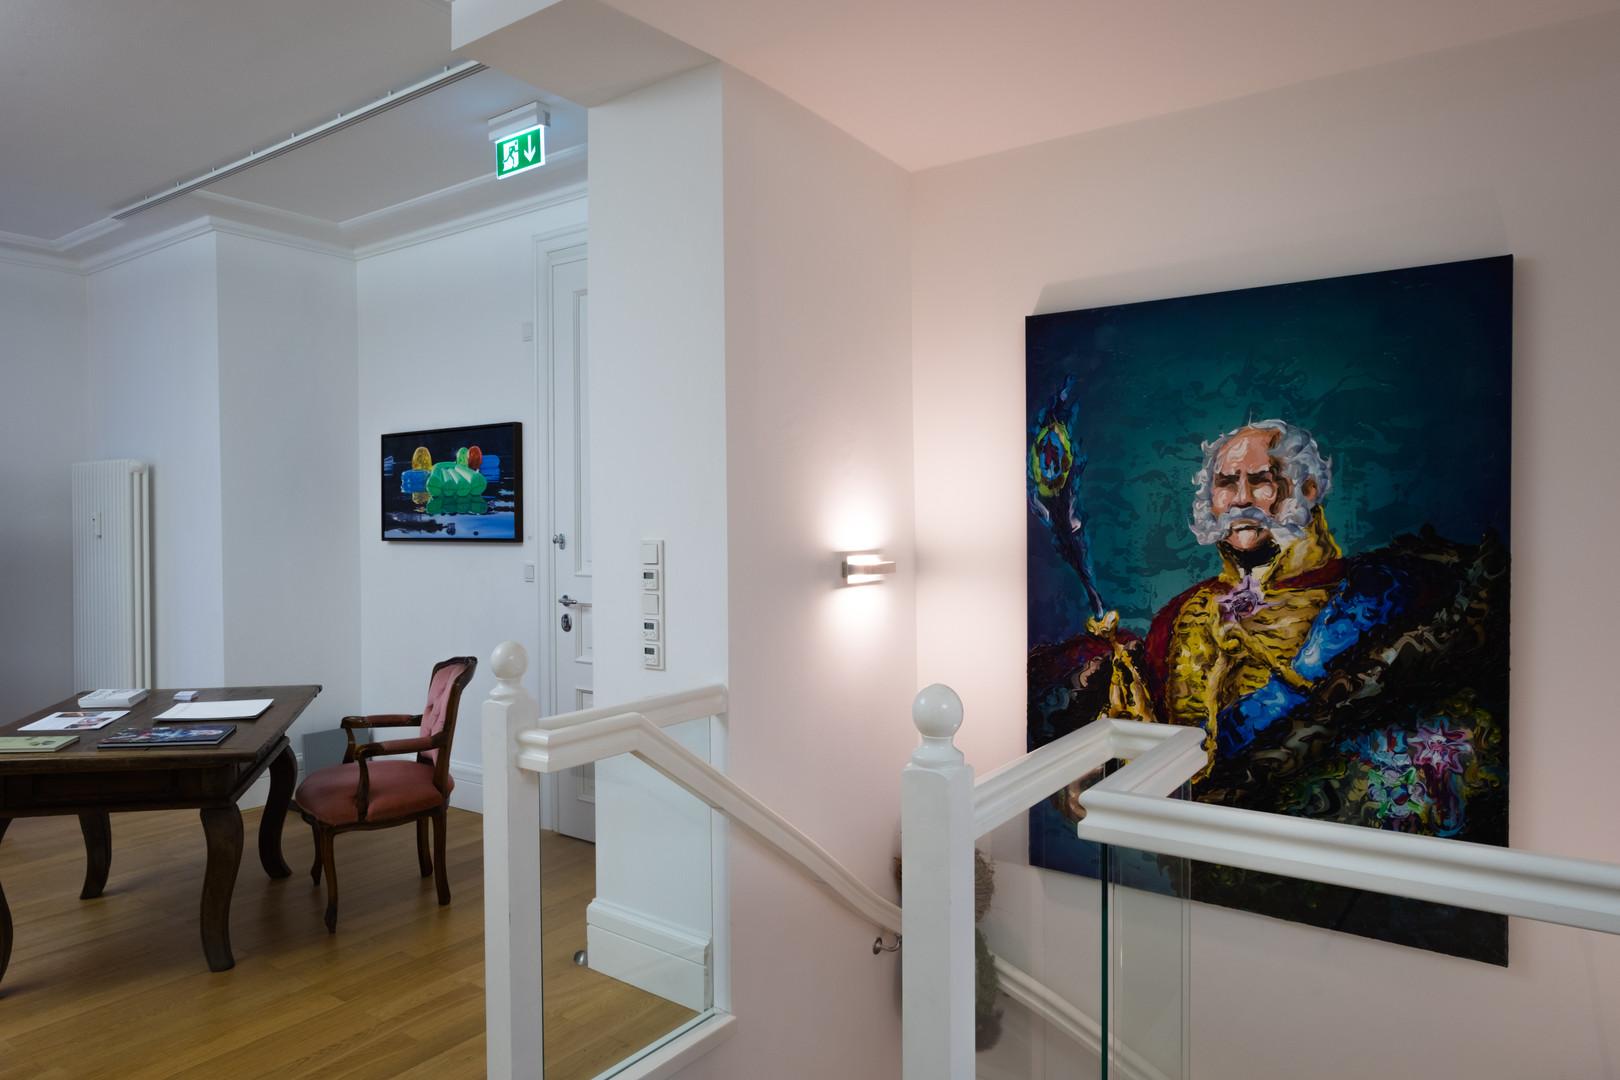 """Ausstellungsansicht """"Szenenwechsel"""": hyperrealistische Malerei von Cameron Rudd und Lennart Grau"""